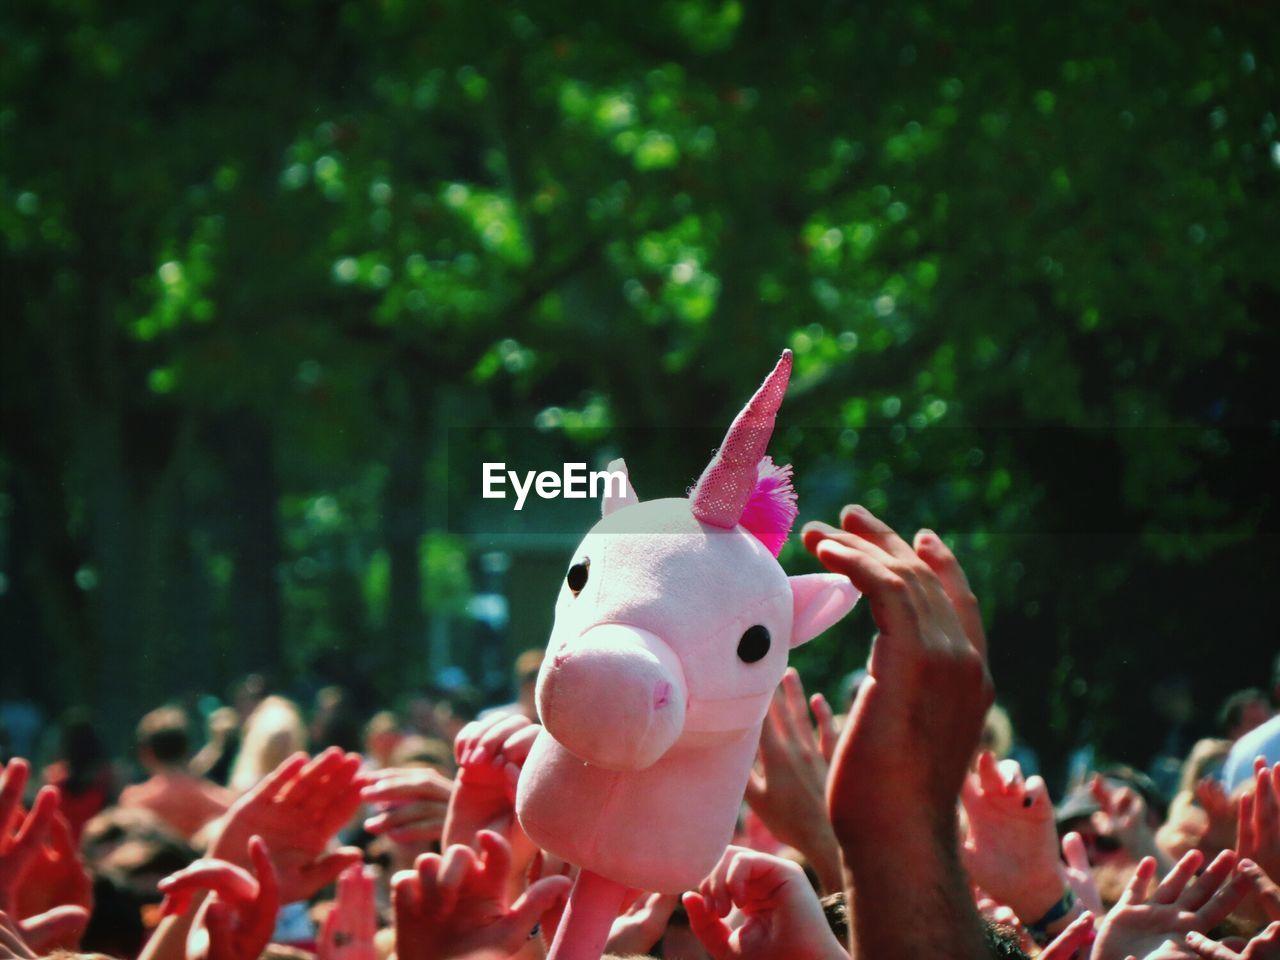 Pink unicorn puppet